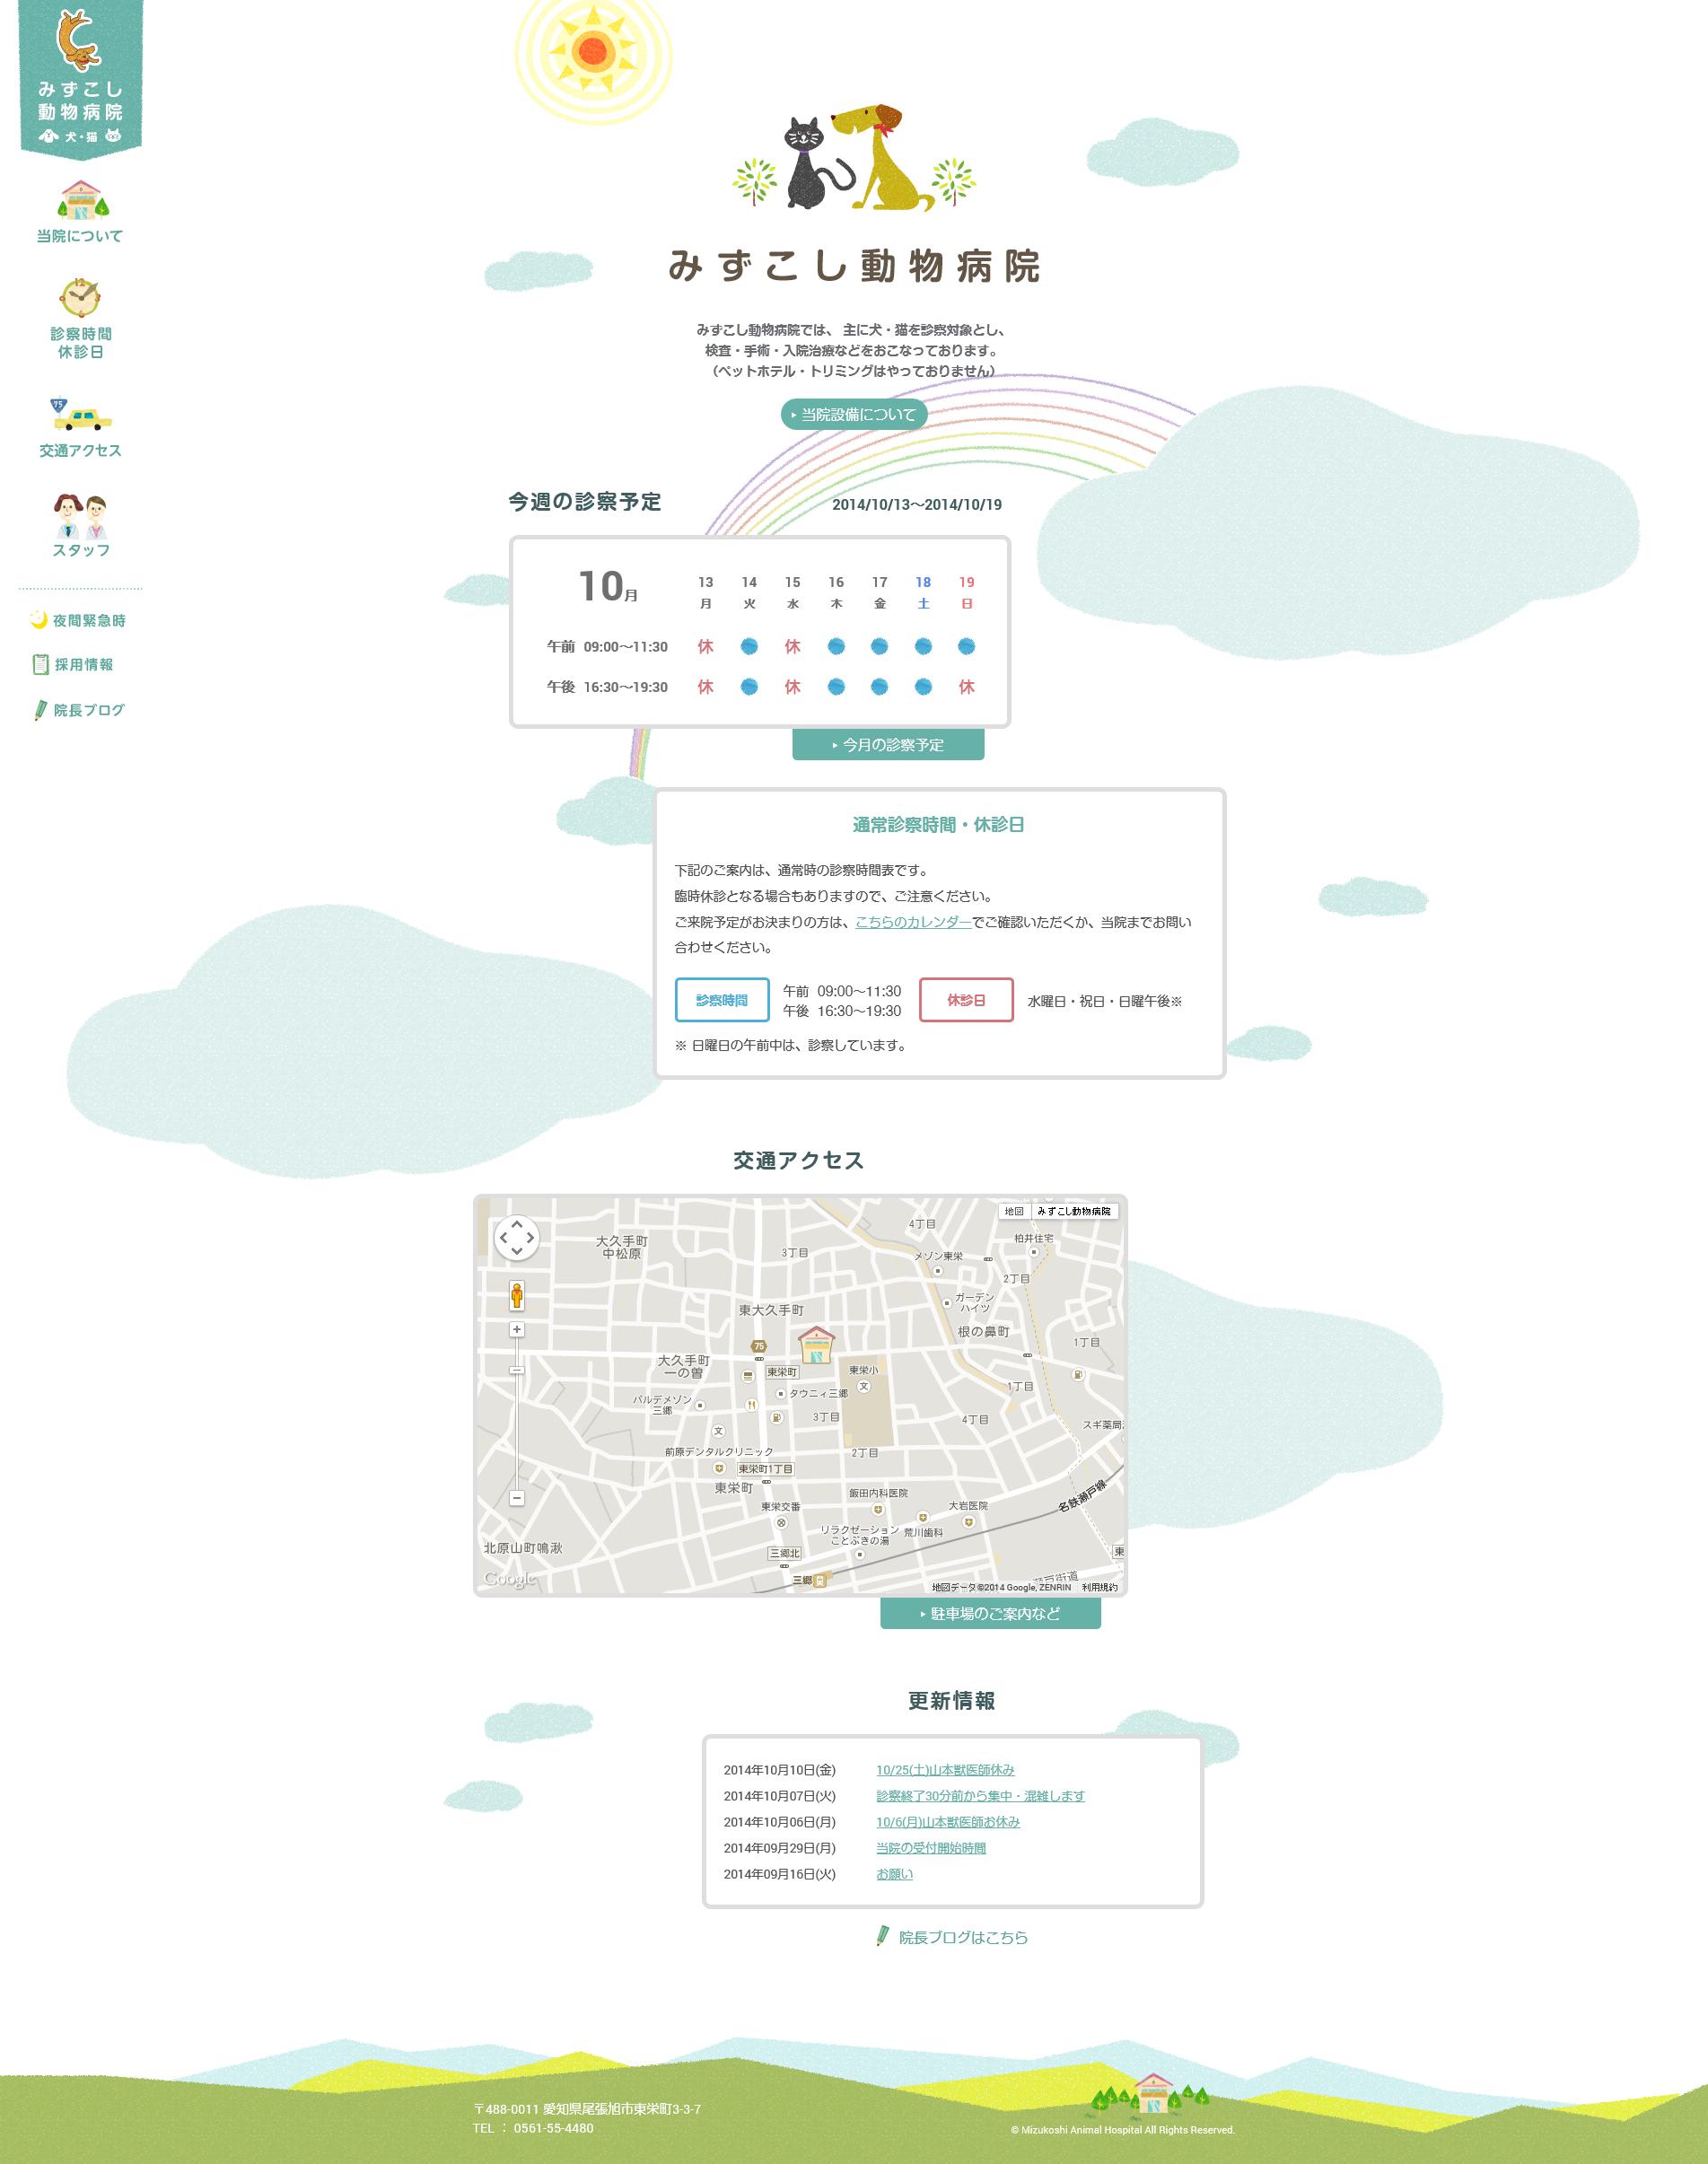 みずこし動物病院 犬 猫の検査 手術 入院 愛知県尾張旭市 Lp デザイン ウェブデザイン 病院